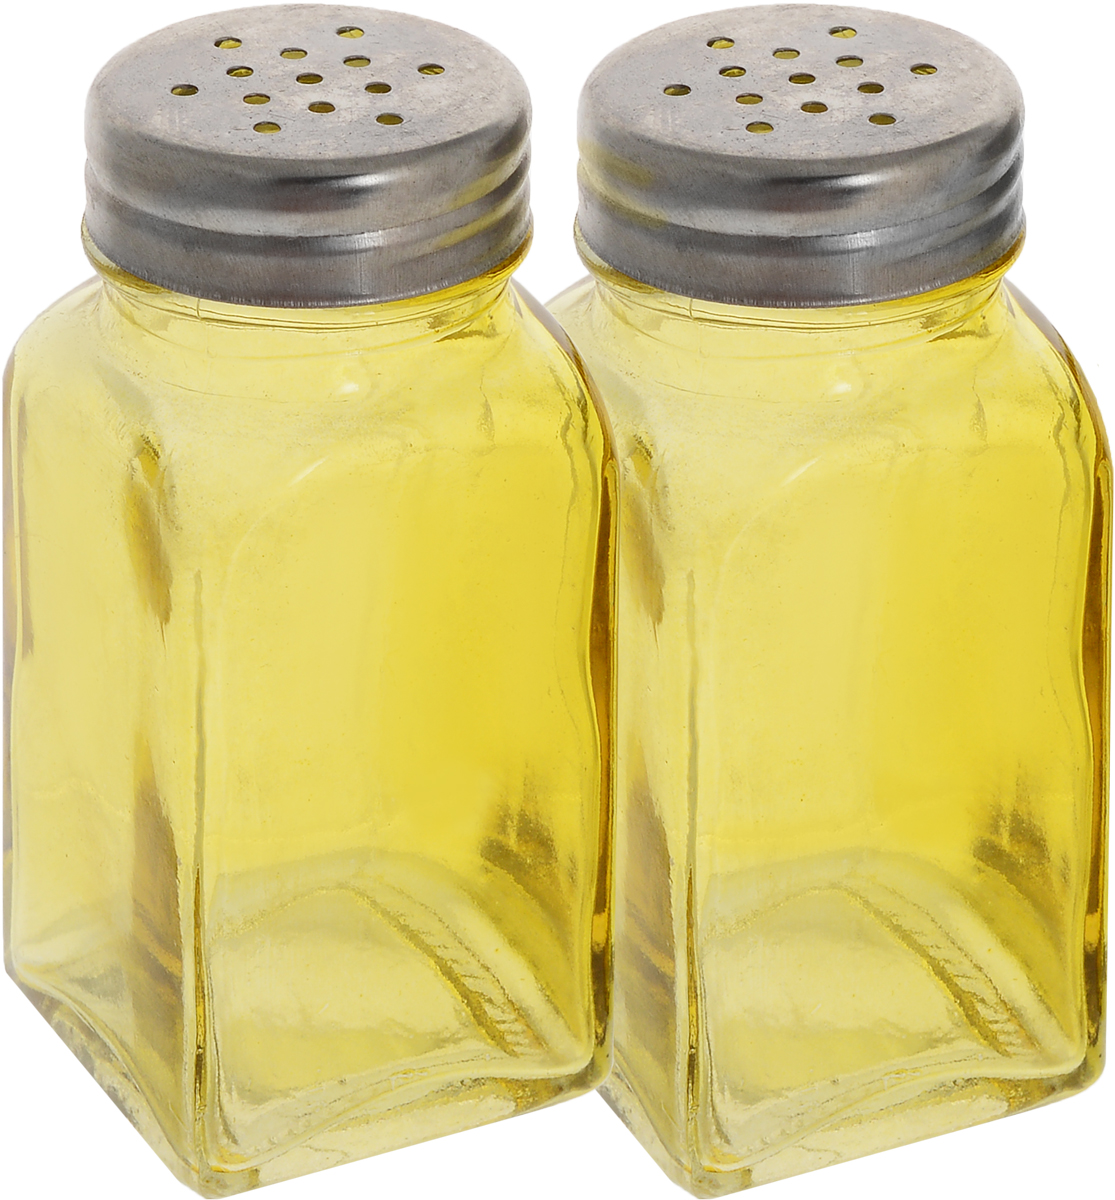 Набор для специй Доляна Галерея, цвет: желтый, 9 см, 2 шт952710_желтыйНабор для специй Доляна Галерея изготовлен из высококачественной нержавеющей стали и цветного стекла. Оригинальные баночки для специй сохранят свежесть и вкус ваших специй.Размер баночек: 9 х 4 х 4 см.Диаметр горлышка: 2,5 см.Диаметр отверстия: 2 мм.